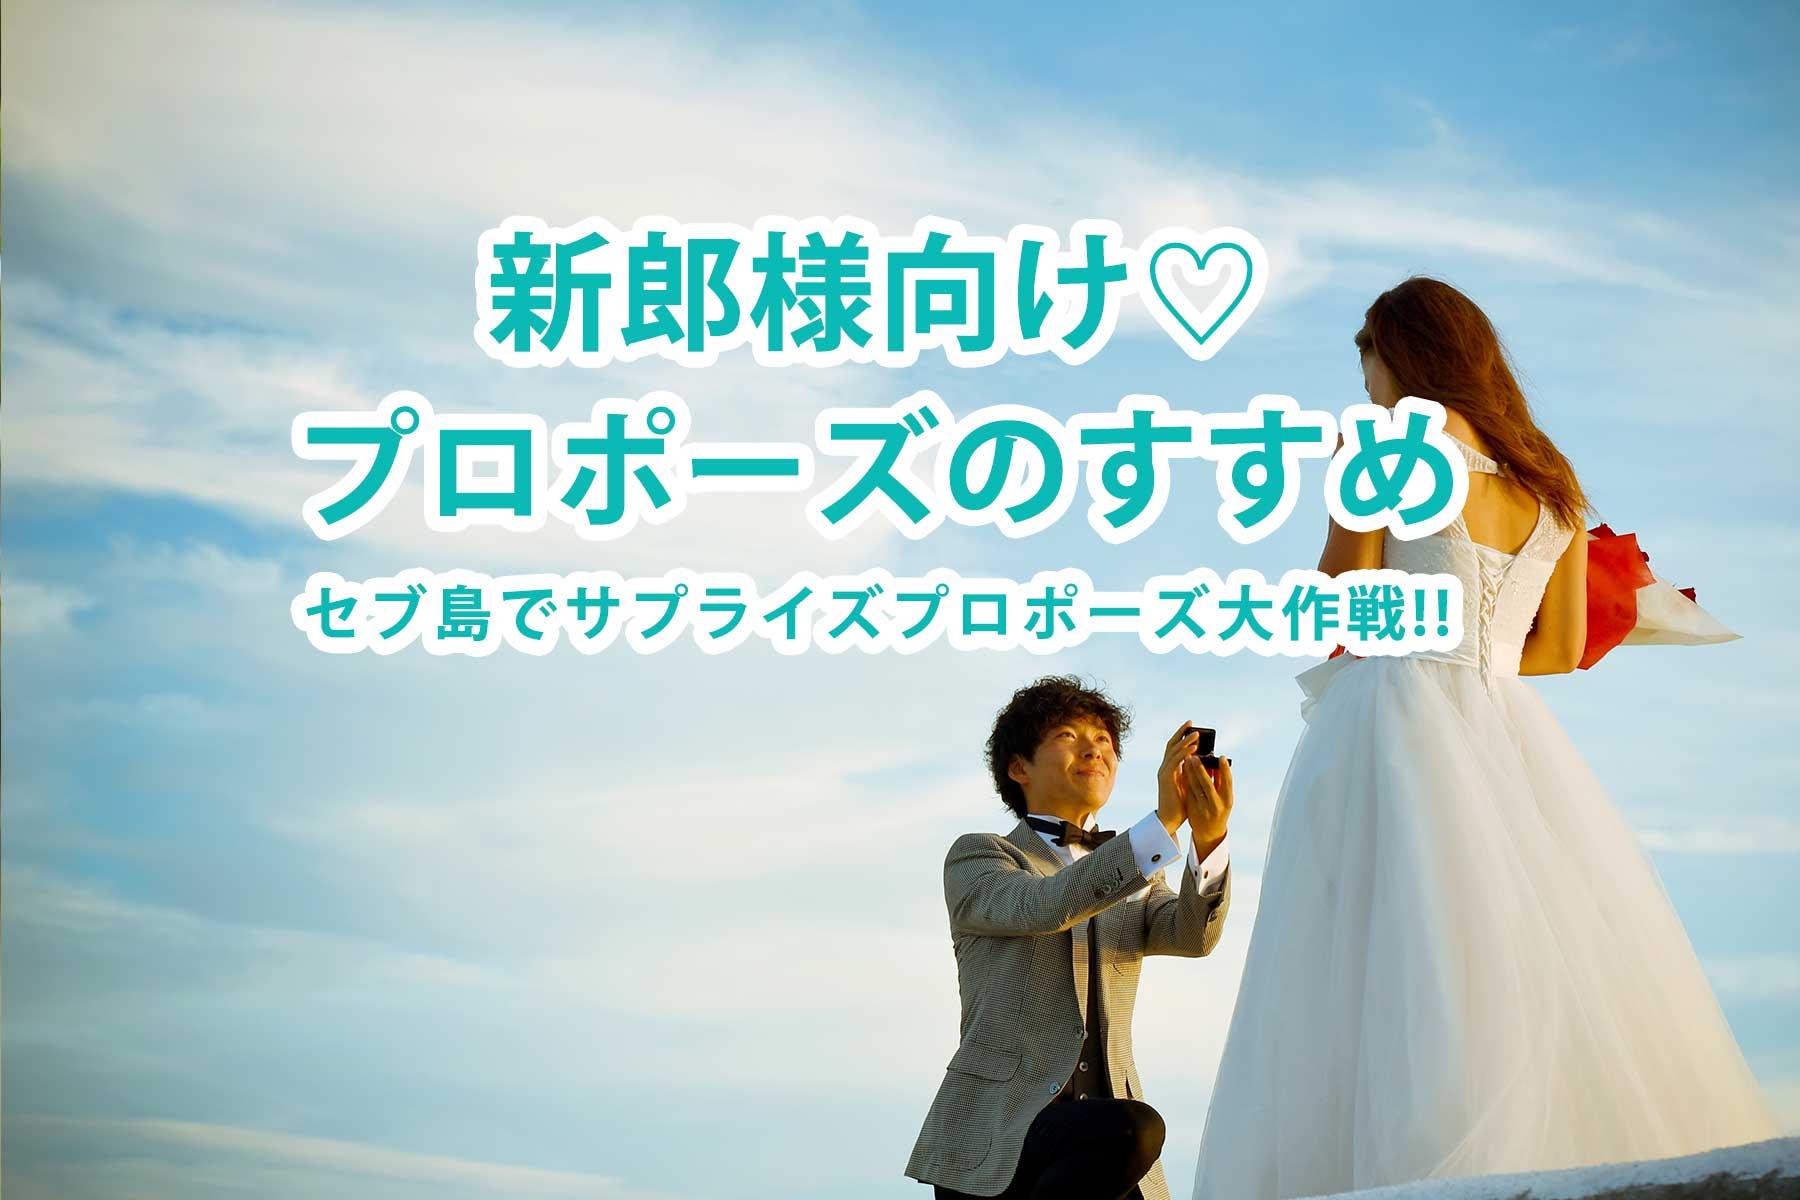 propose1